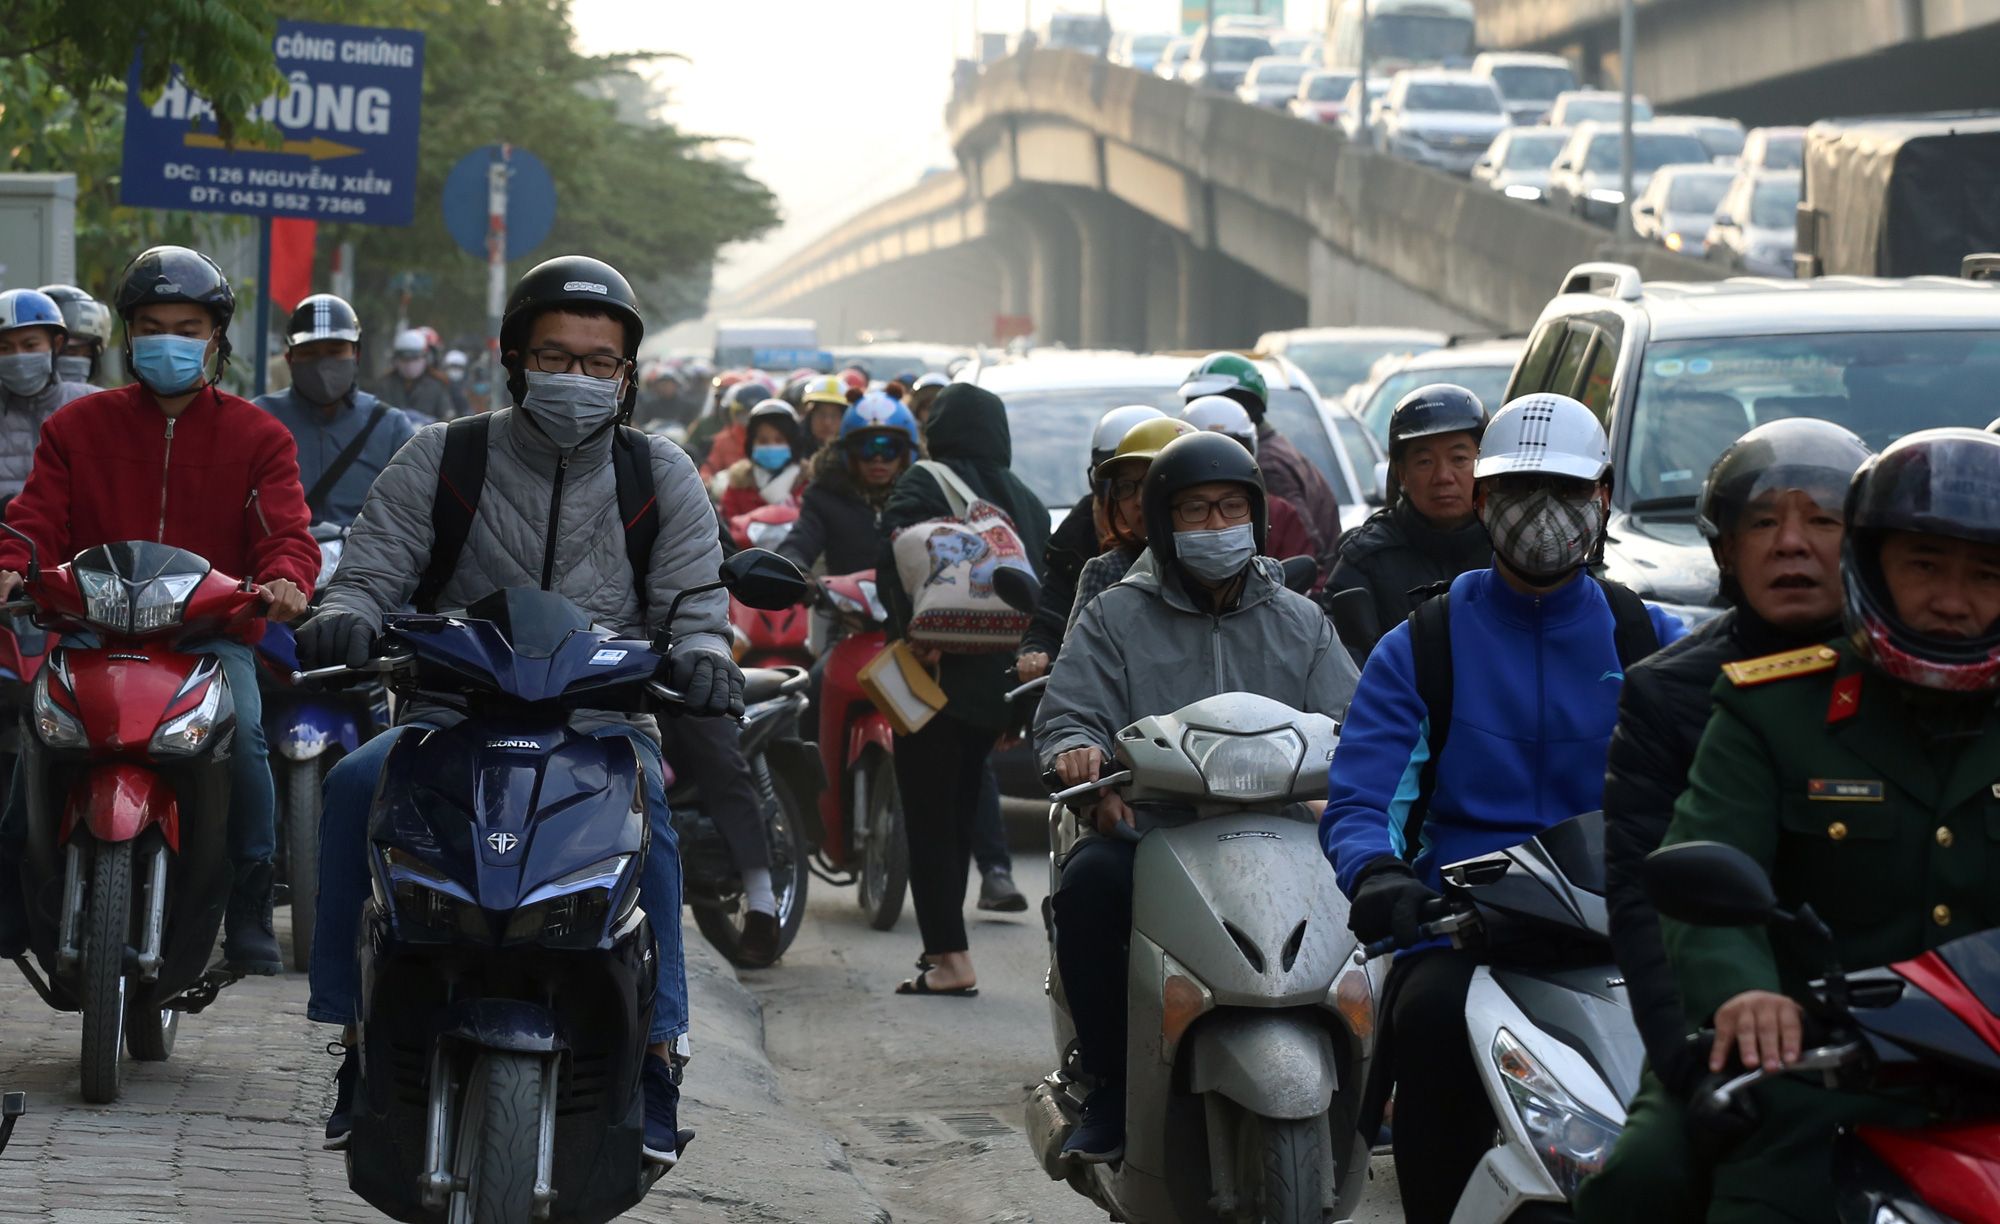 Hà Nội mù mịt ô nhiễm không khí nhìn từ trên cao dù trời có nắng - Ảnh 10.